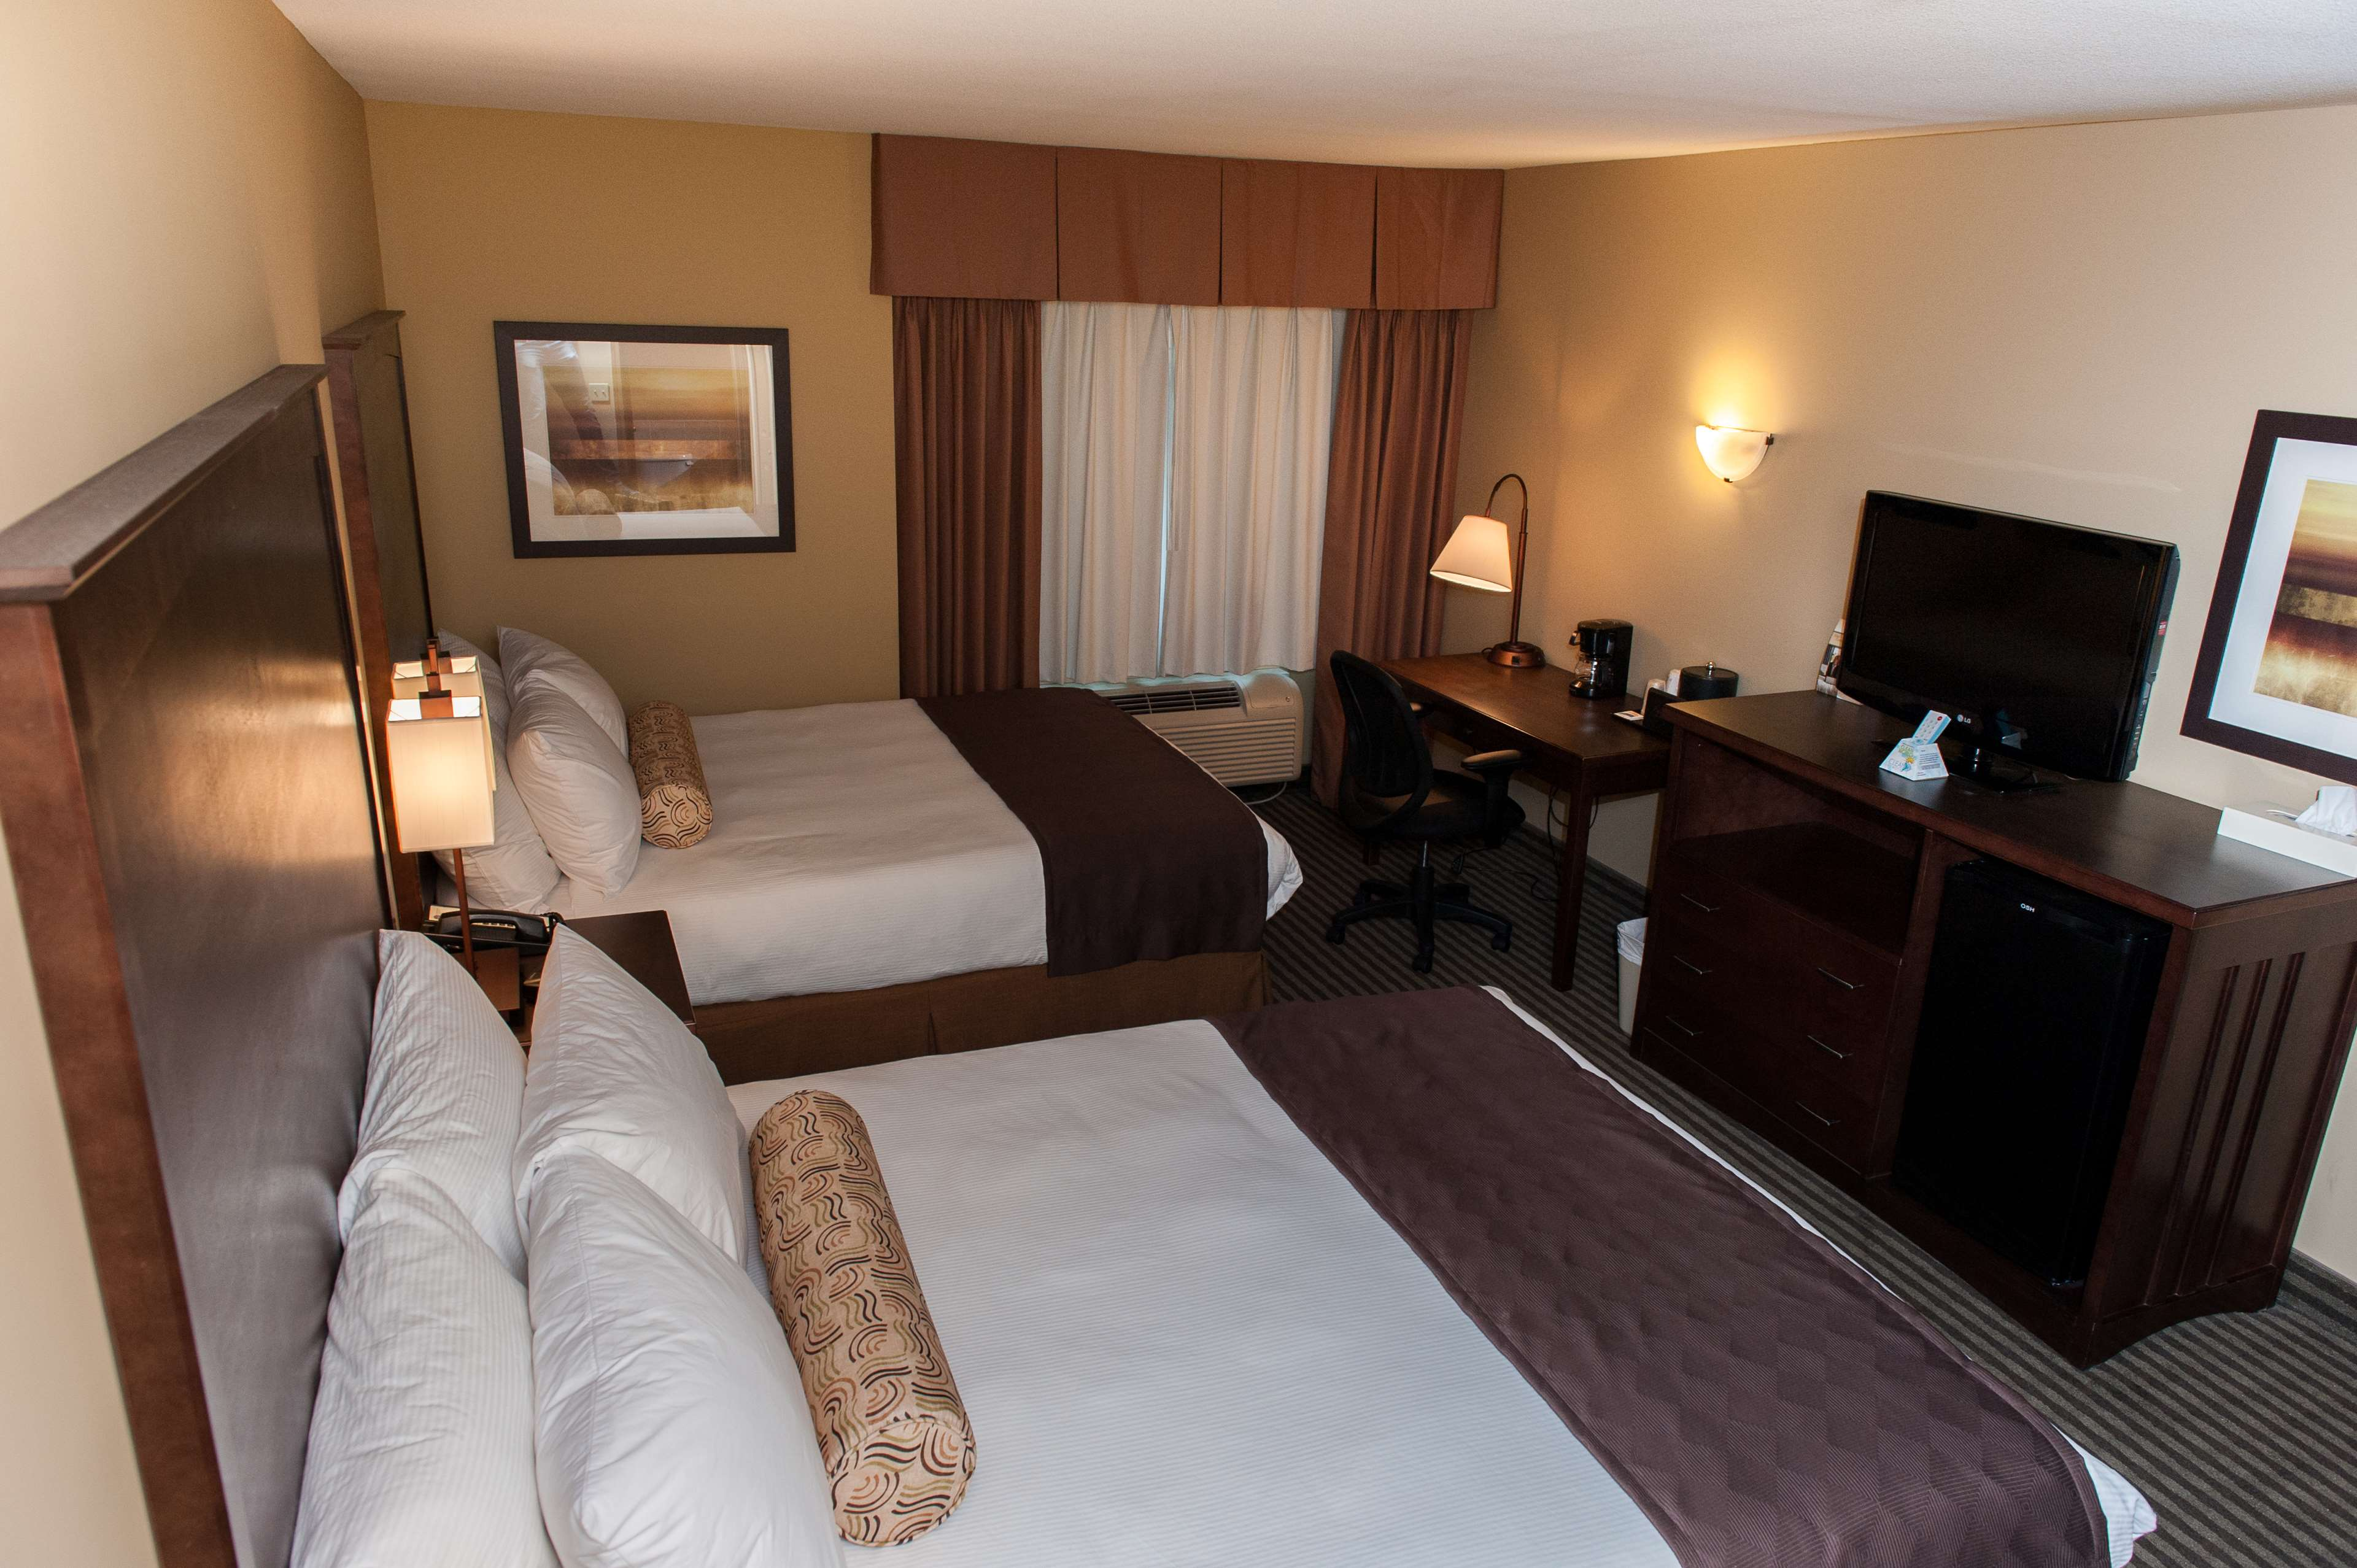 Best Western Maple Ridge Hotel in Maple Ridge: Double Bedded Guest Room